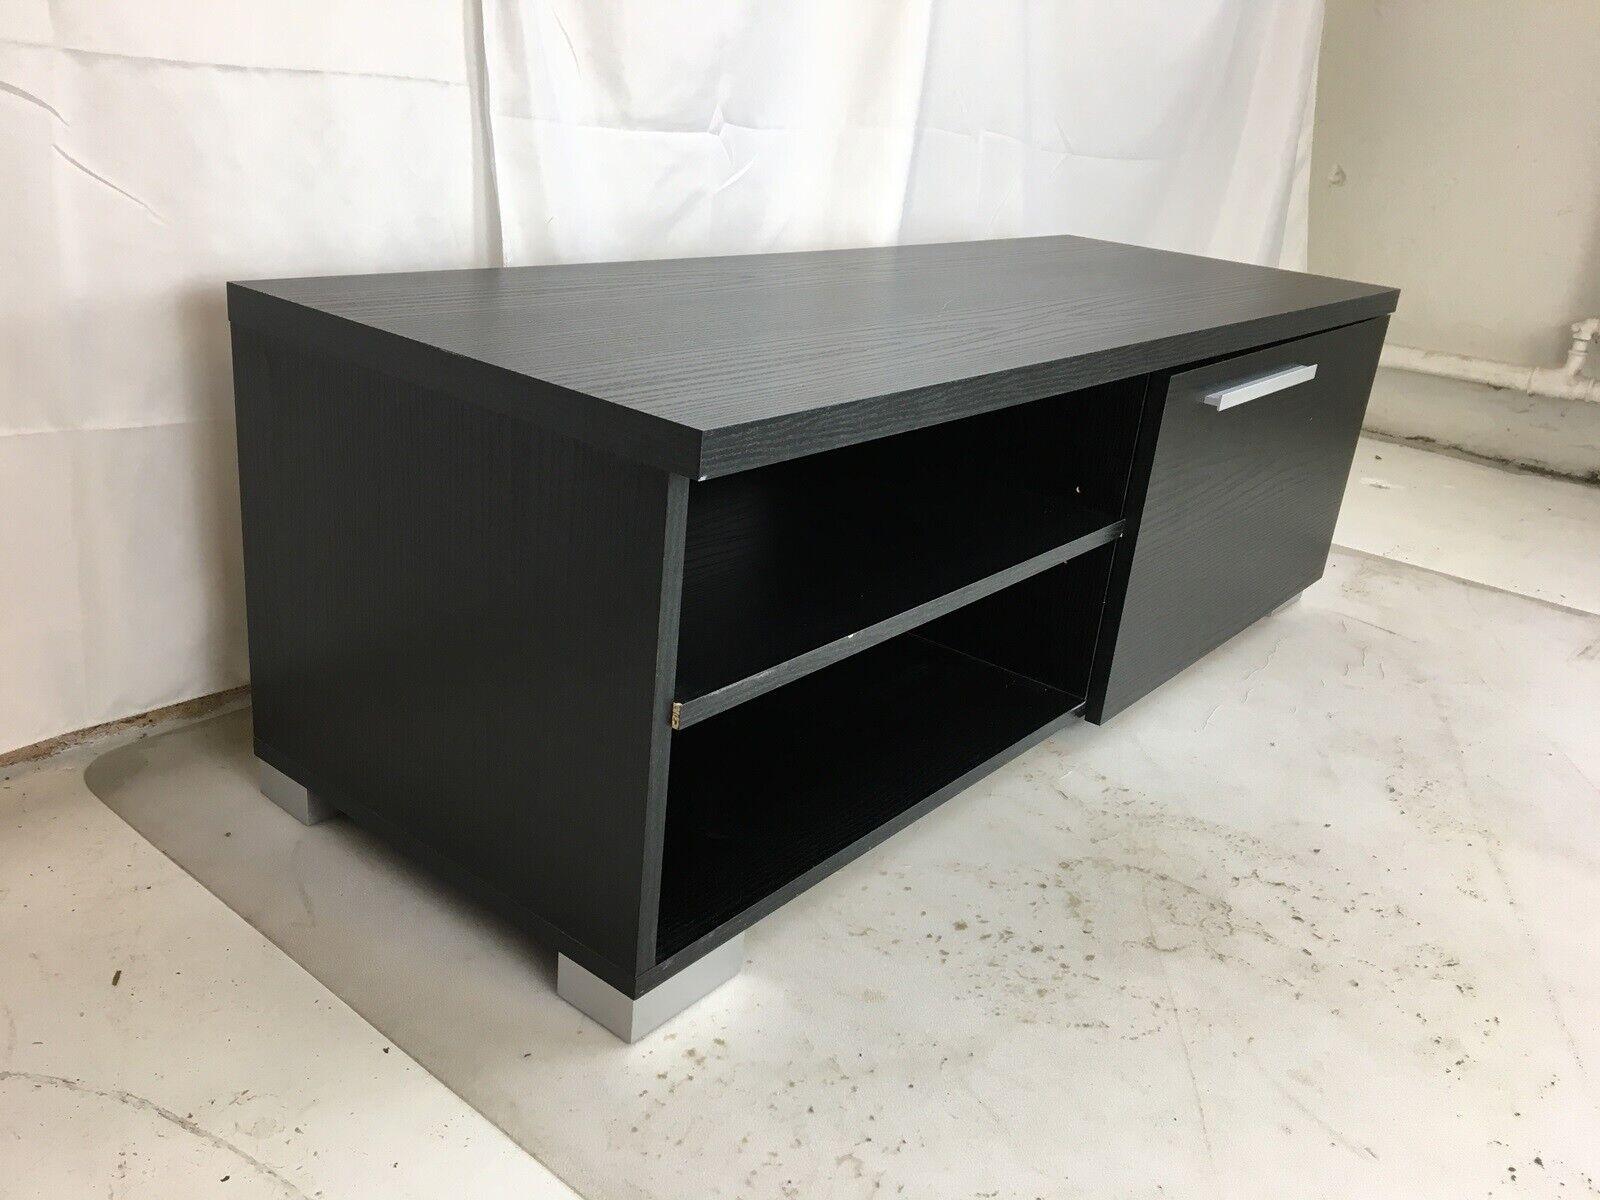 Tv bord, Bilka, laminat – dba.dk – Køb og Salg af Nyt og Brugt